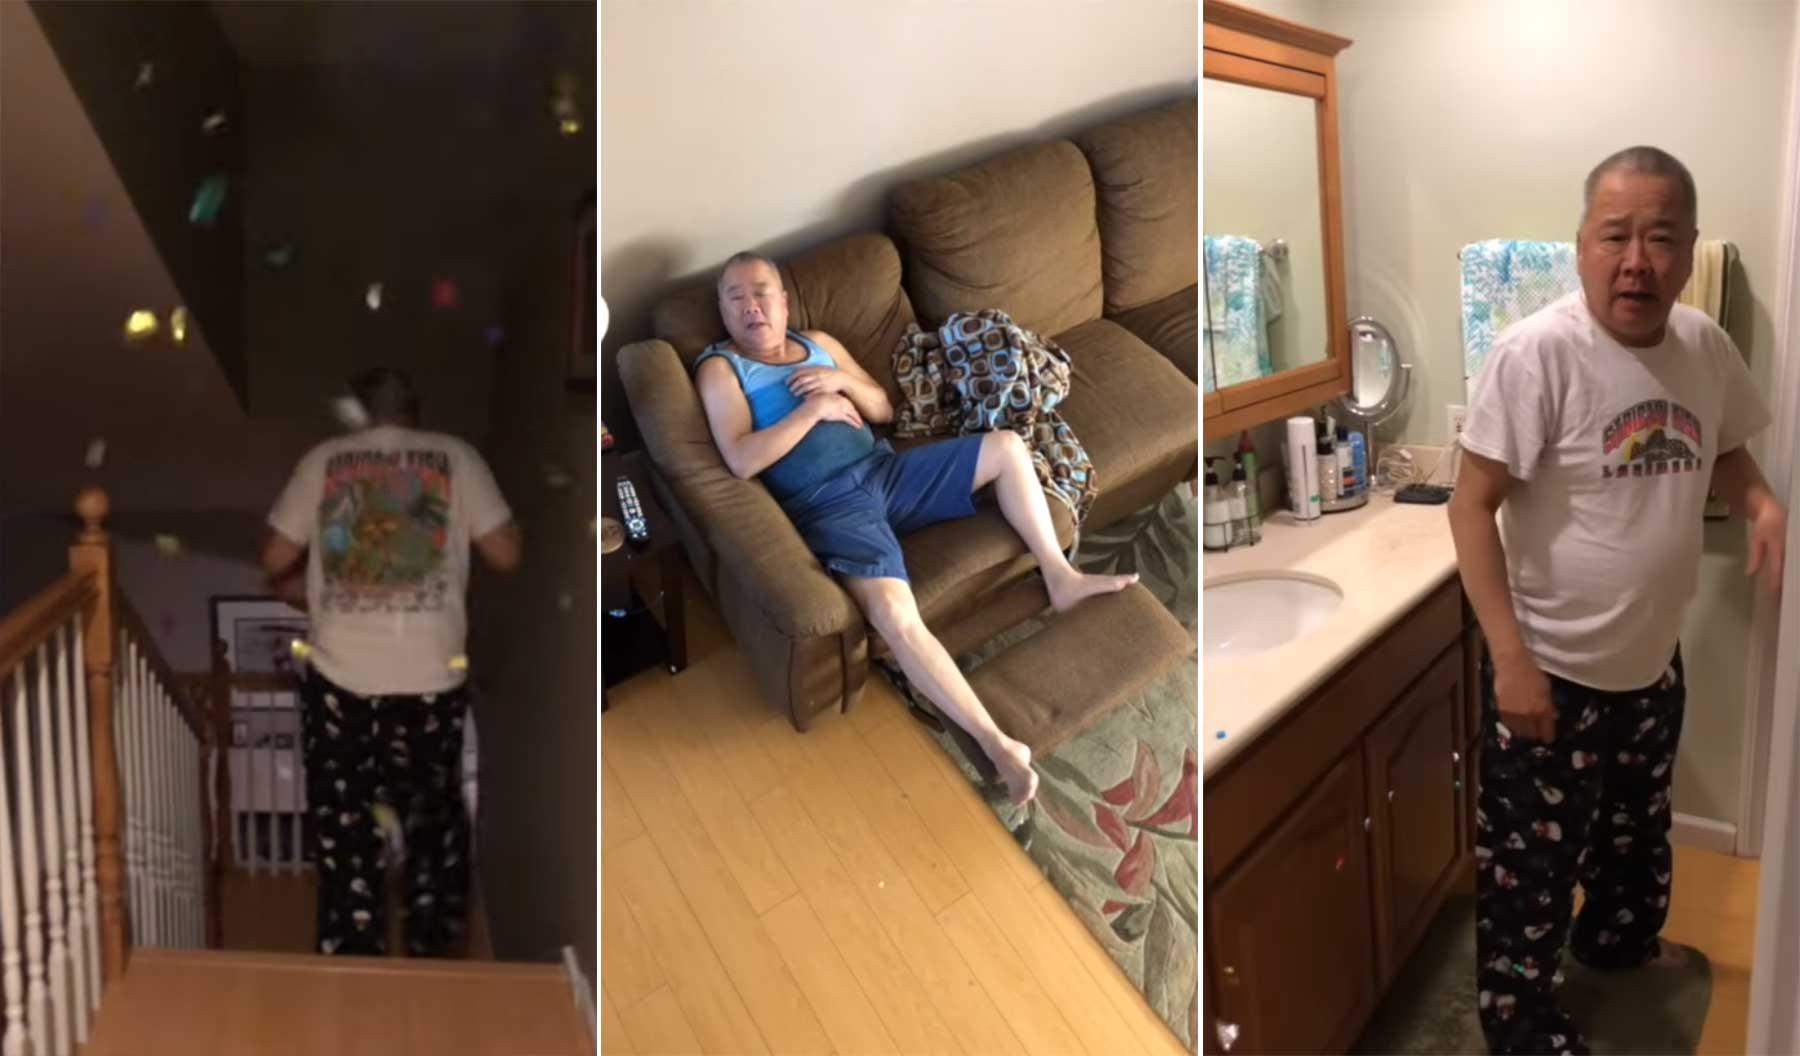 Vater 2 Wochen lang mit einer Konfetti-Kanone erschrecken vater-mit-konfettikanone-erschrecken